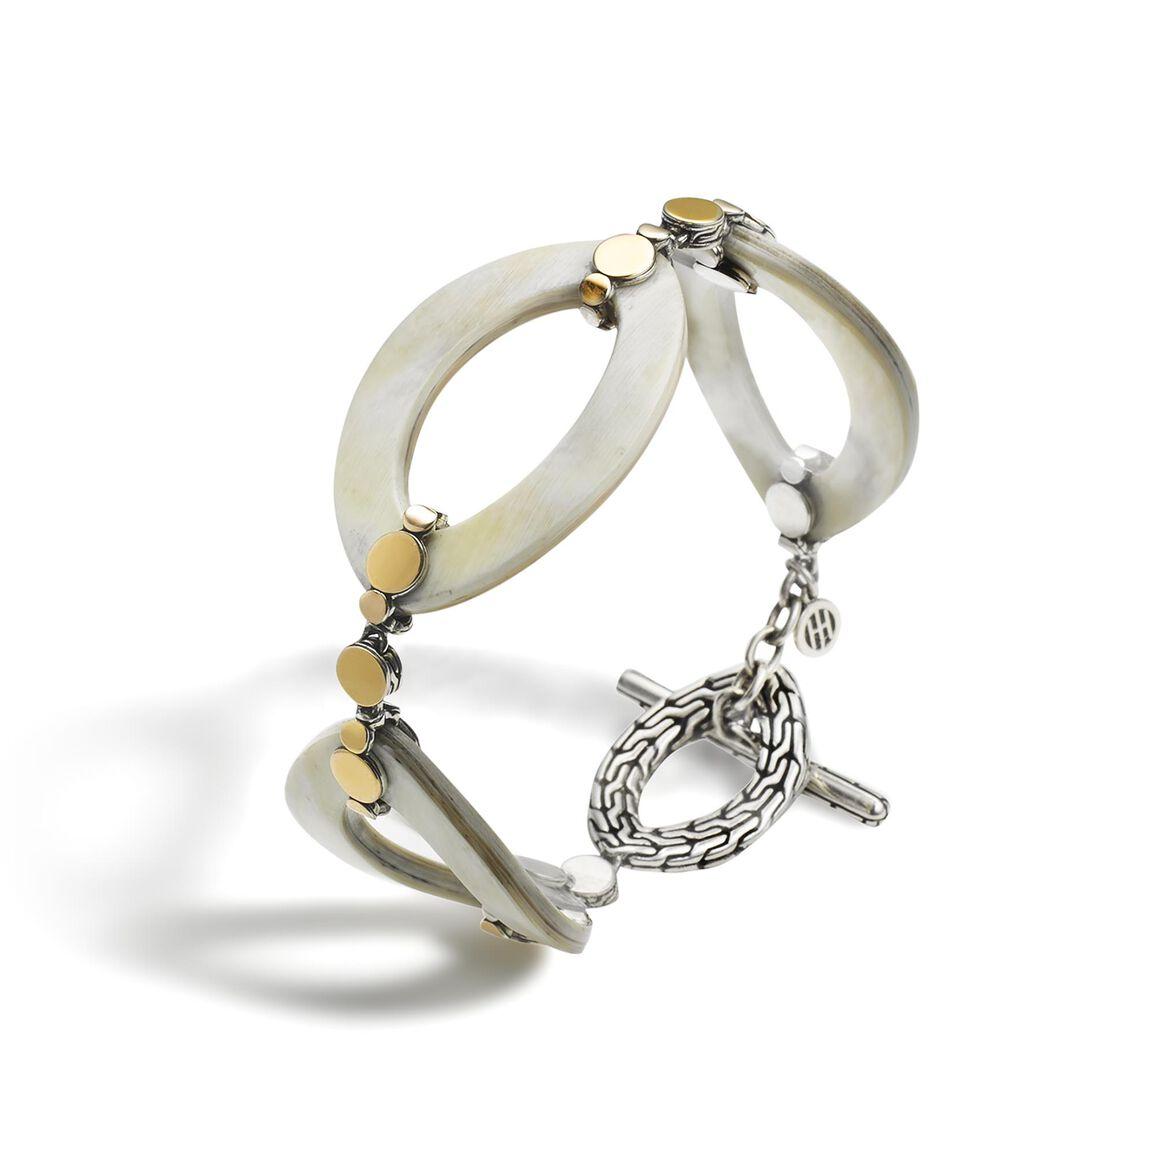 Dot 27MM Link Bracelet in Silver, 18K Gold and Horn